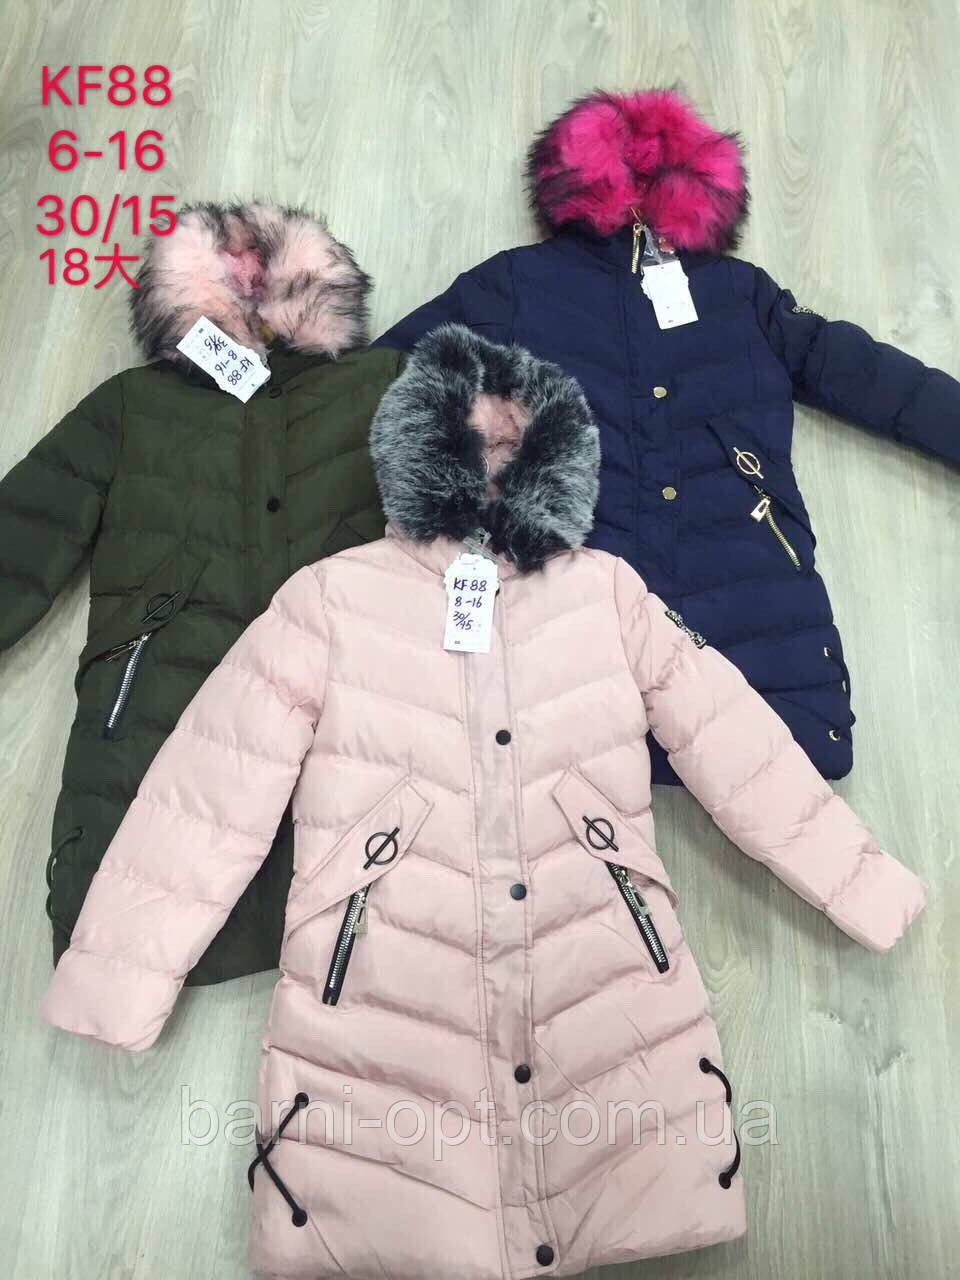 Куртки зимние для девочек S&D,в наличии 10 лет